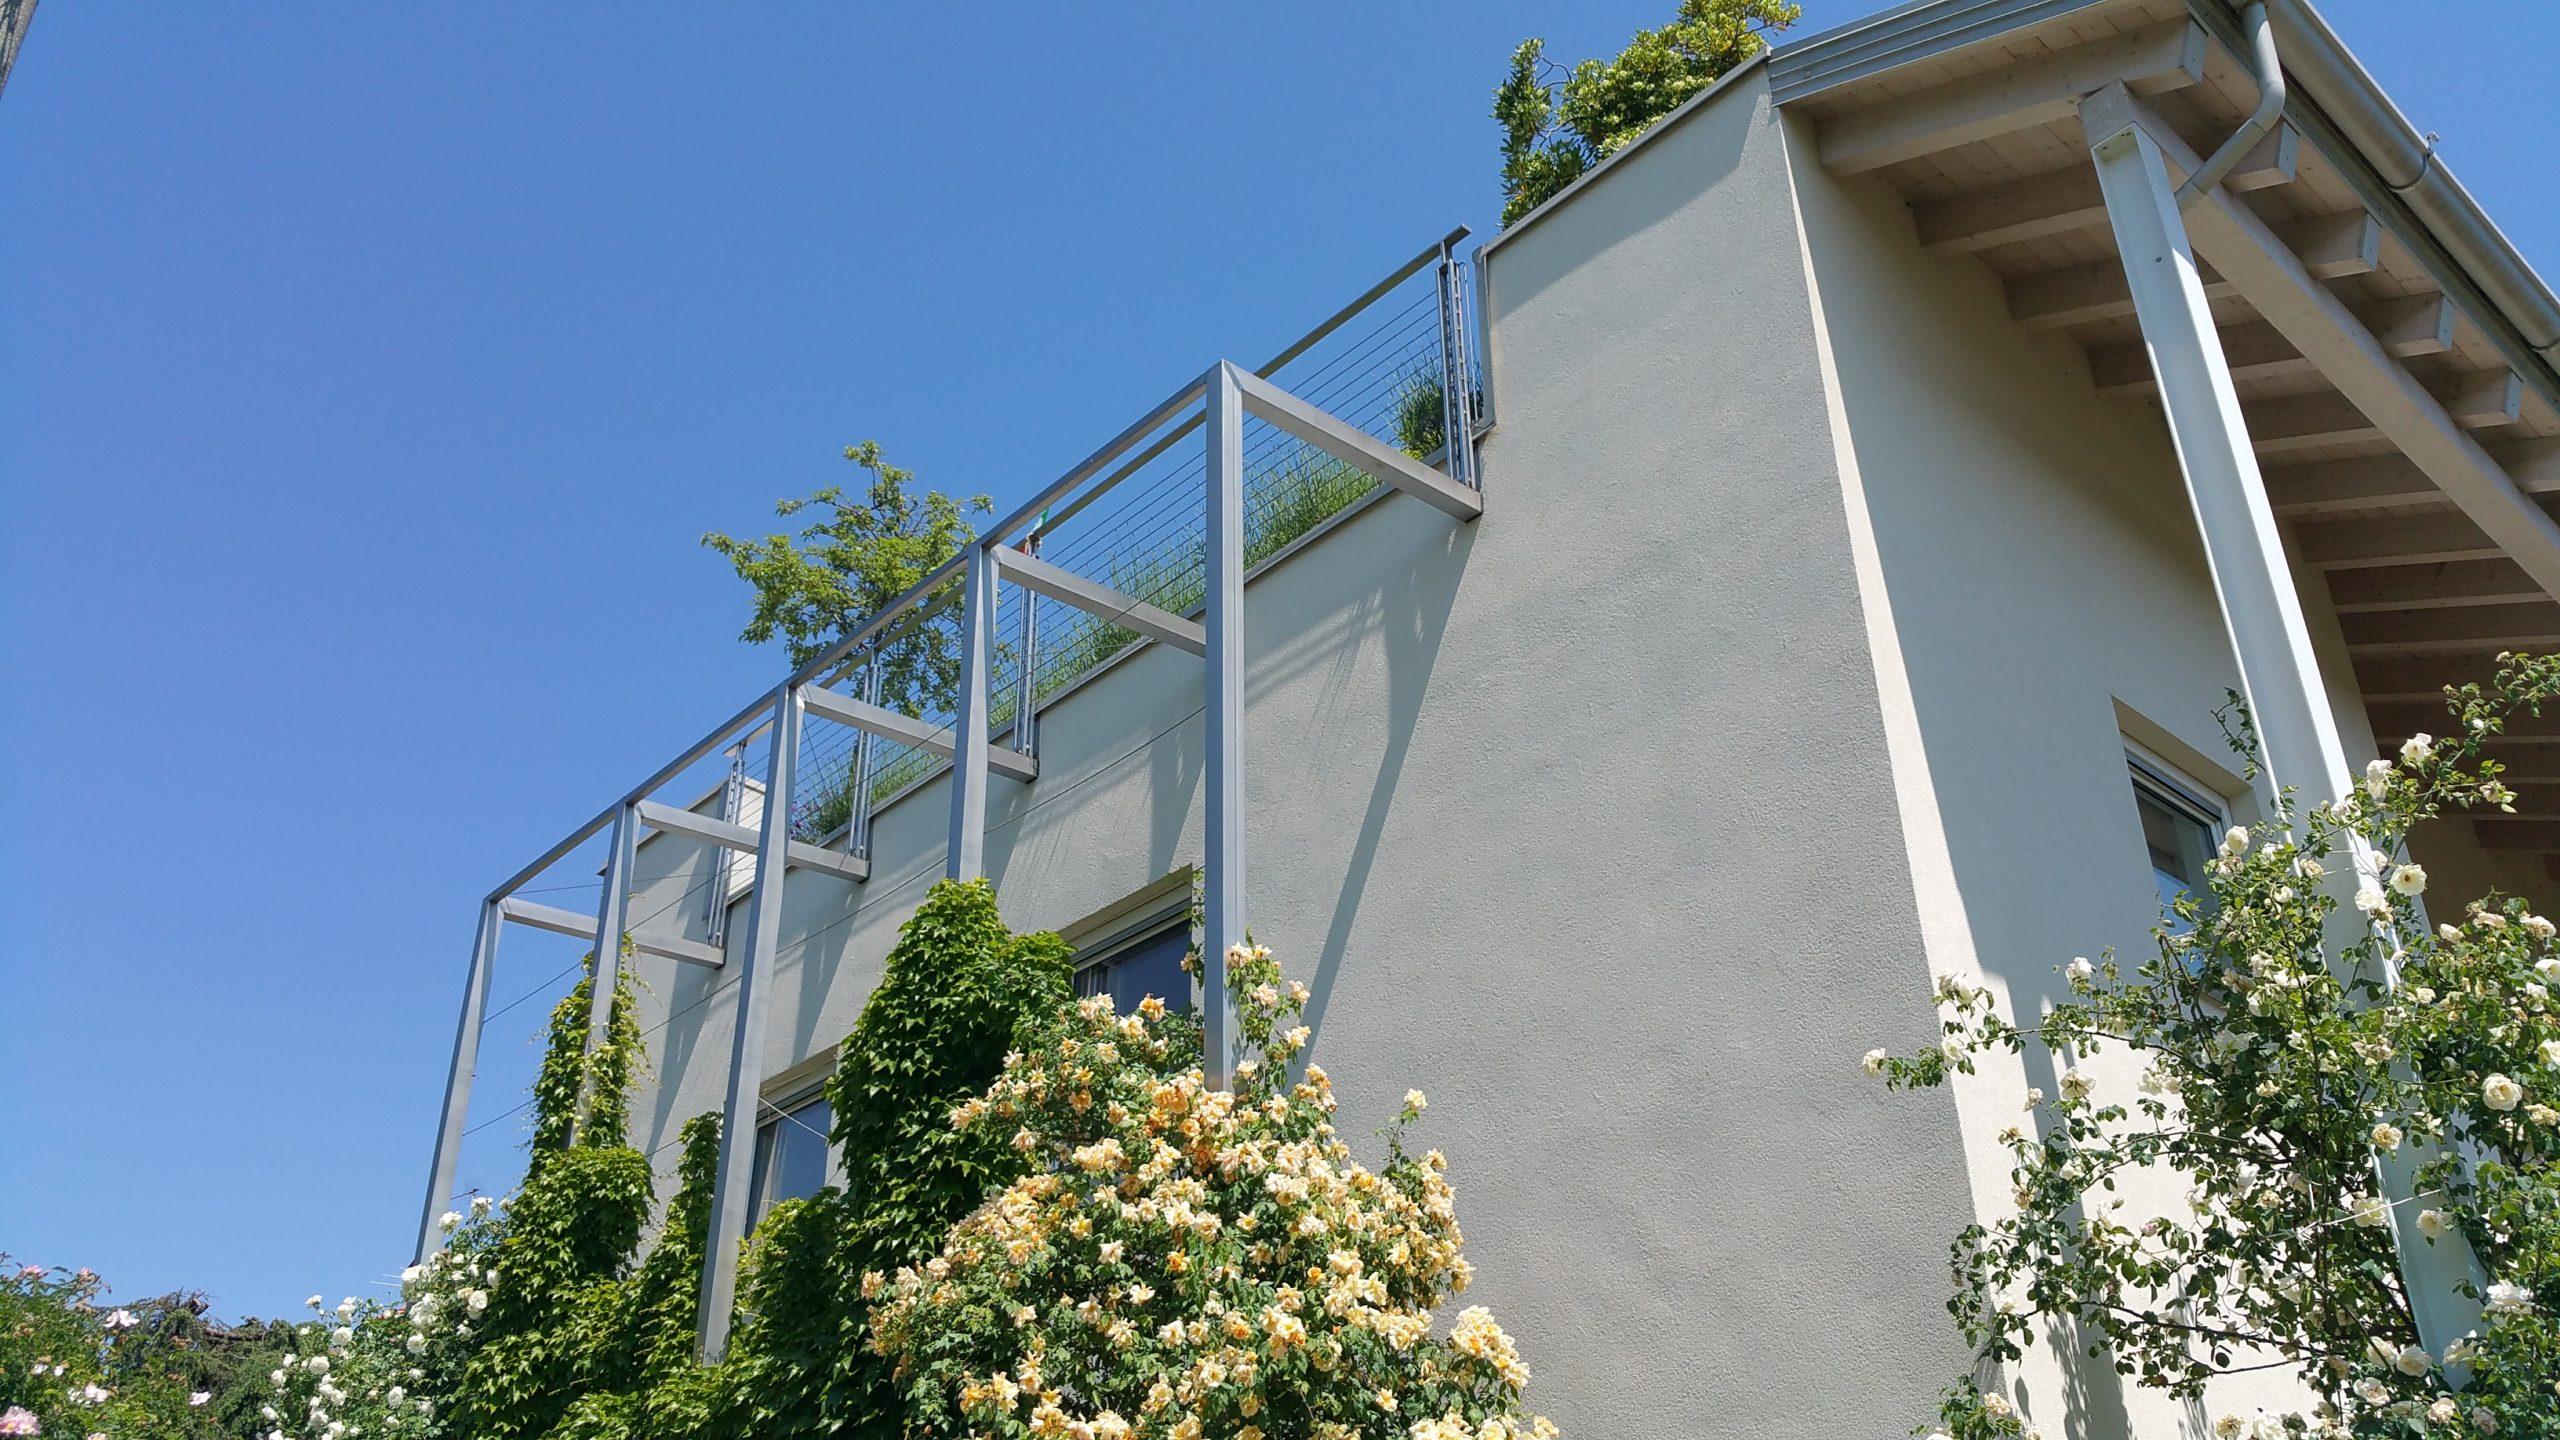 Progettazione di edifici in legno ad alta efficienza energetica